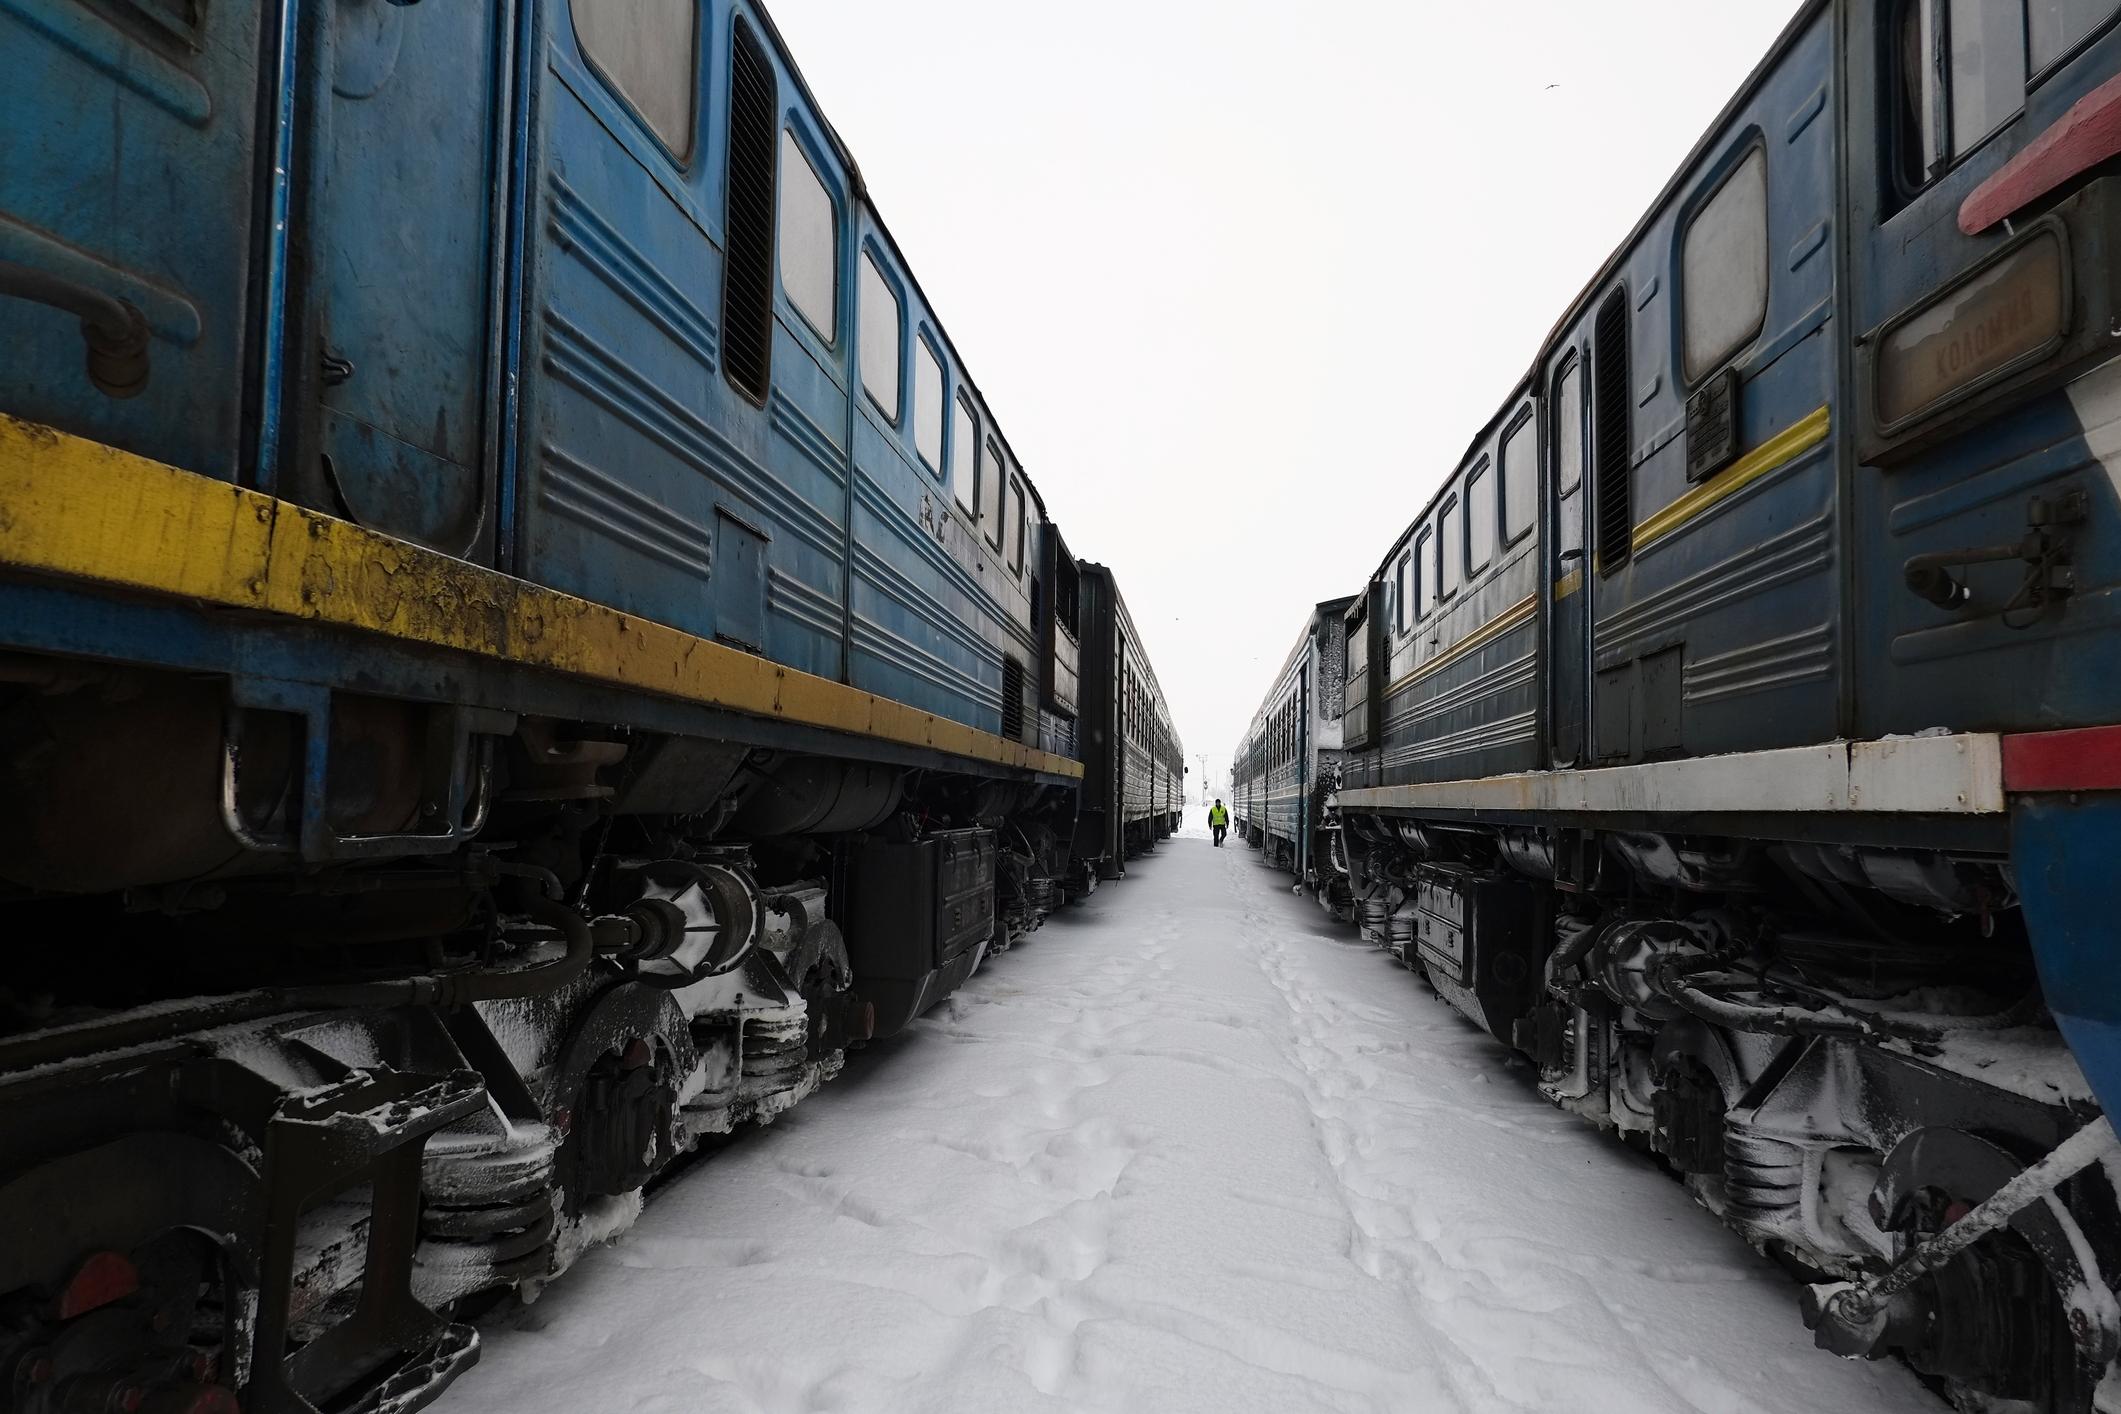 scenic train rides in the US